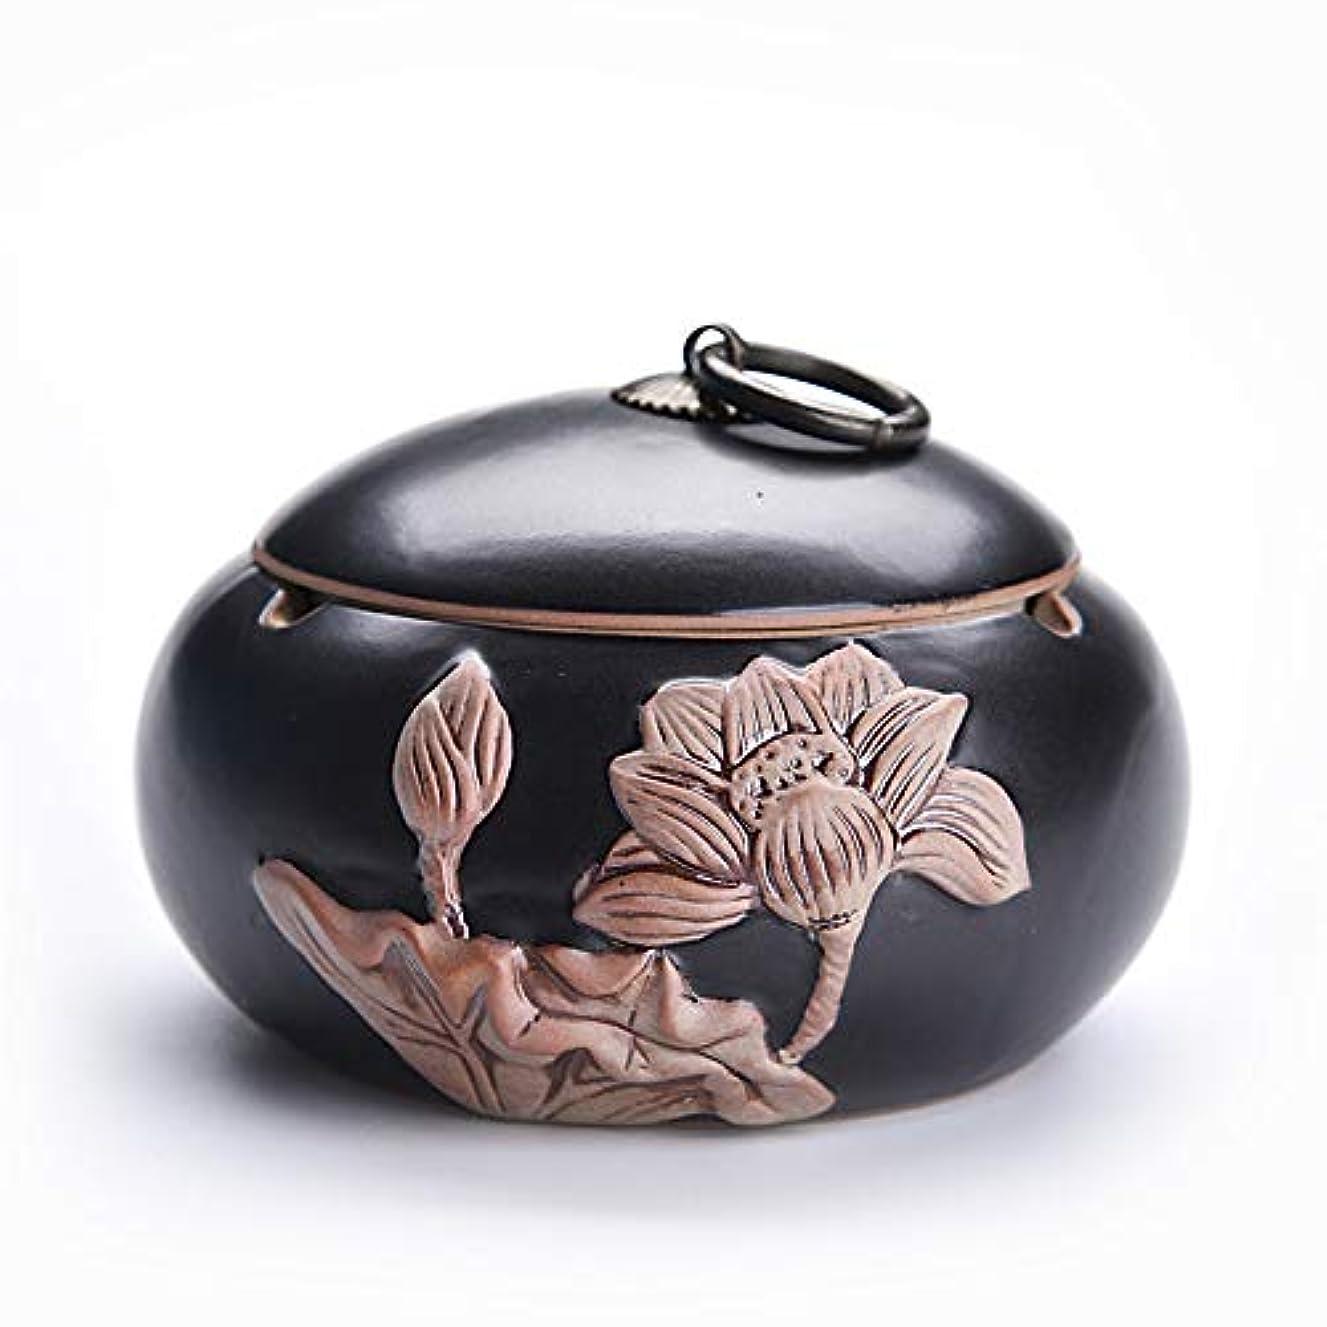 不幸ウルル警察中国のレトロな創造的な鍋形セラミック灰皿ふた付き